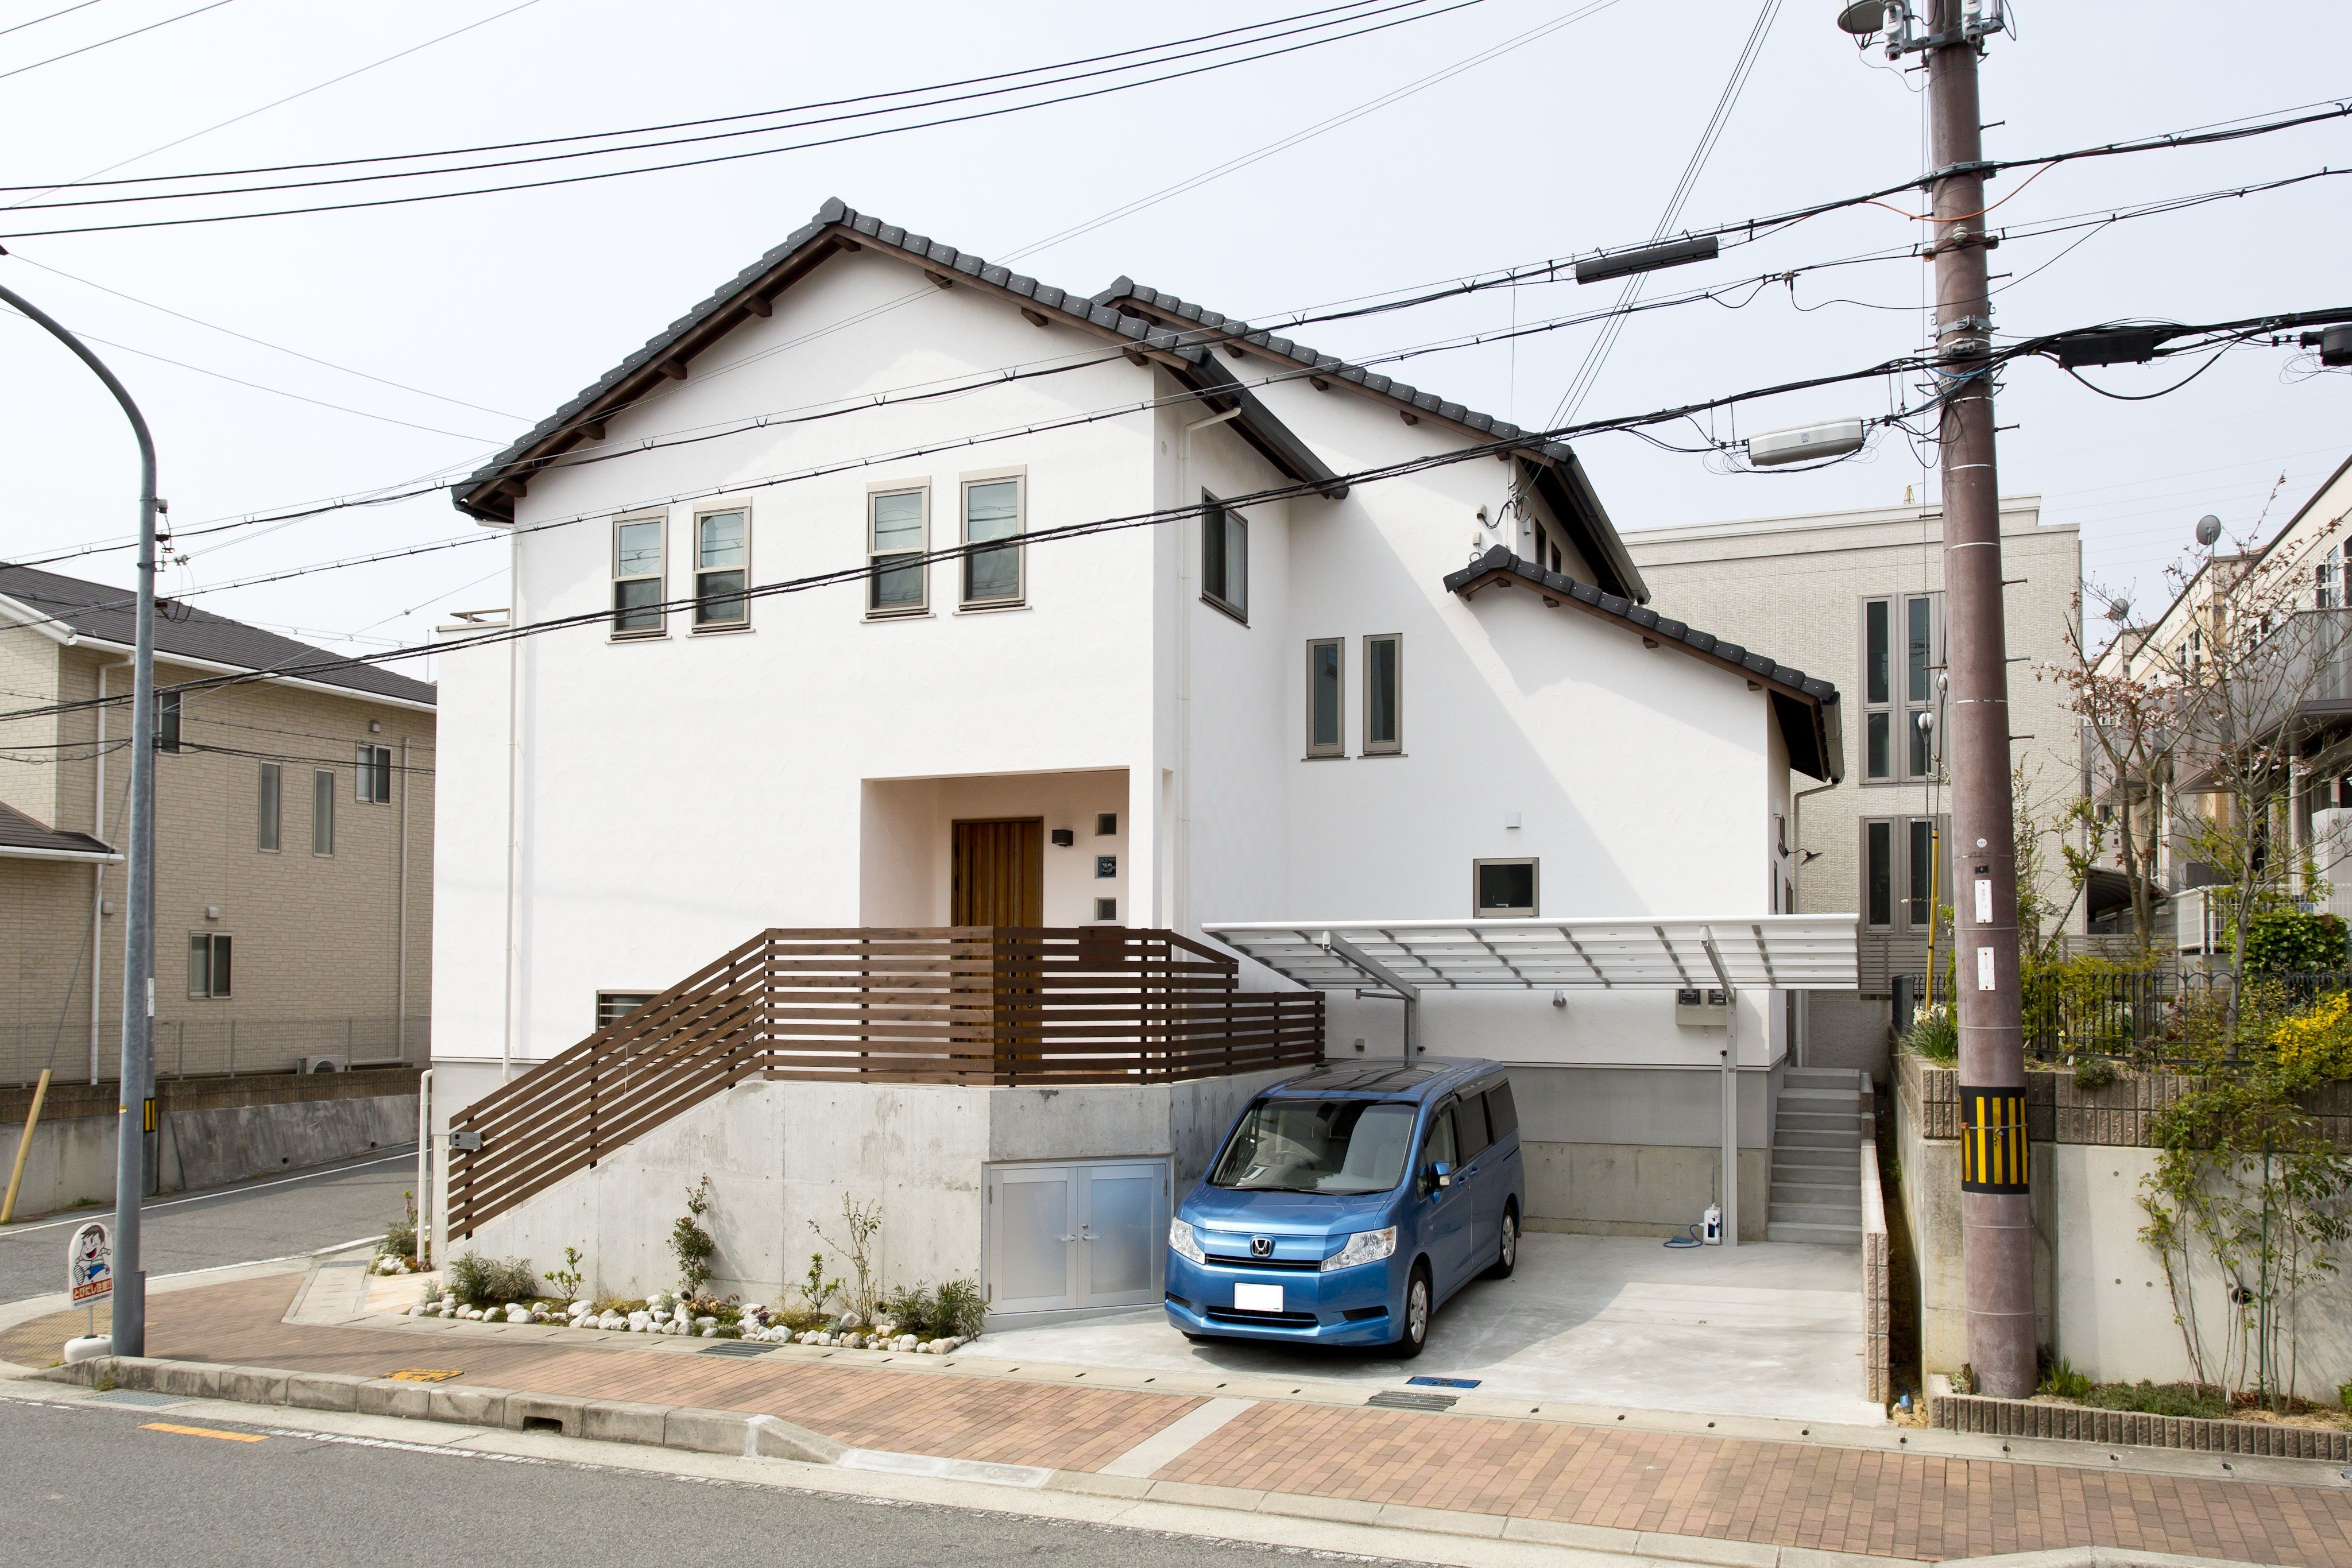 ケース104広々と開け放って暮らせる明るいお家 住宅 外観 瓦屋根